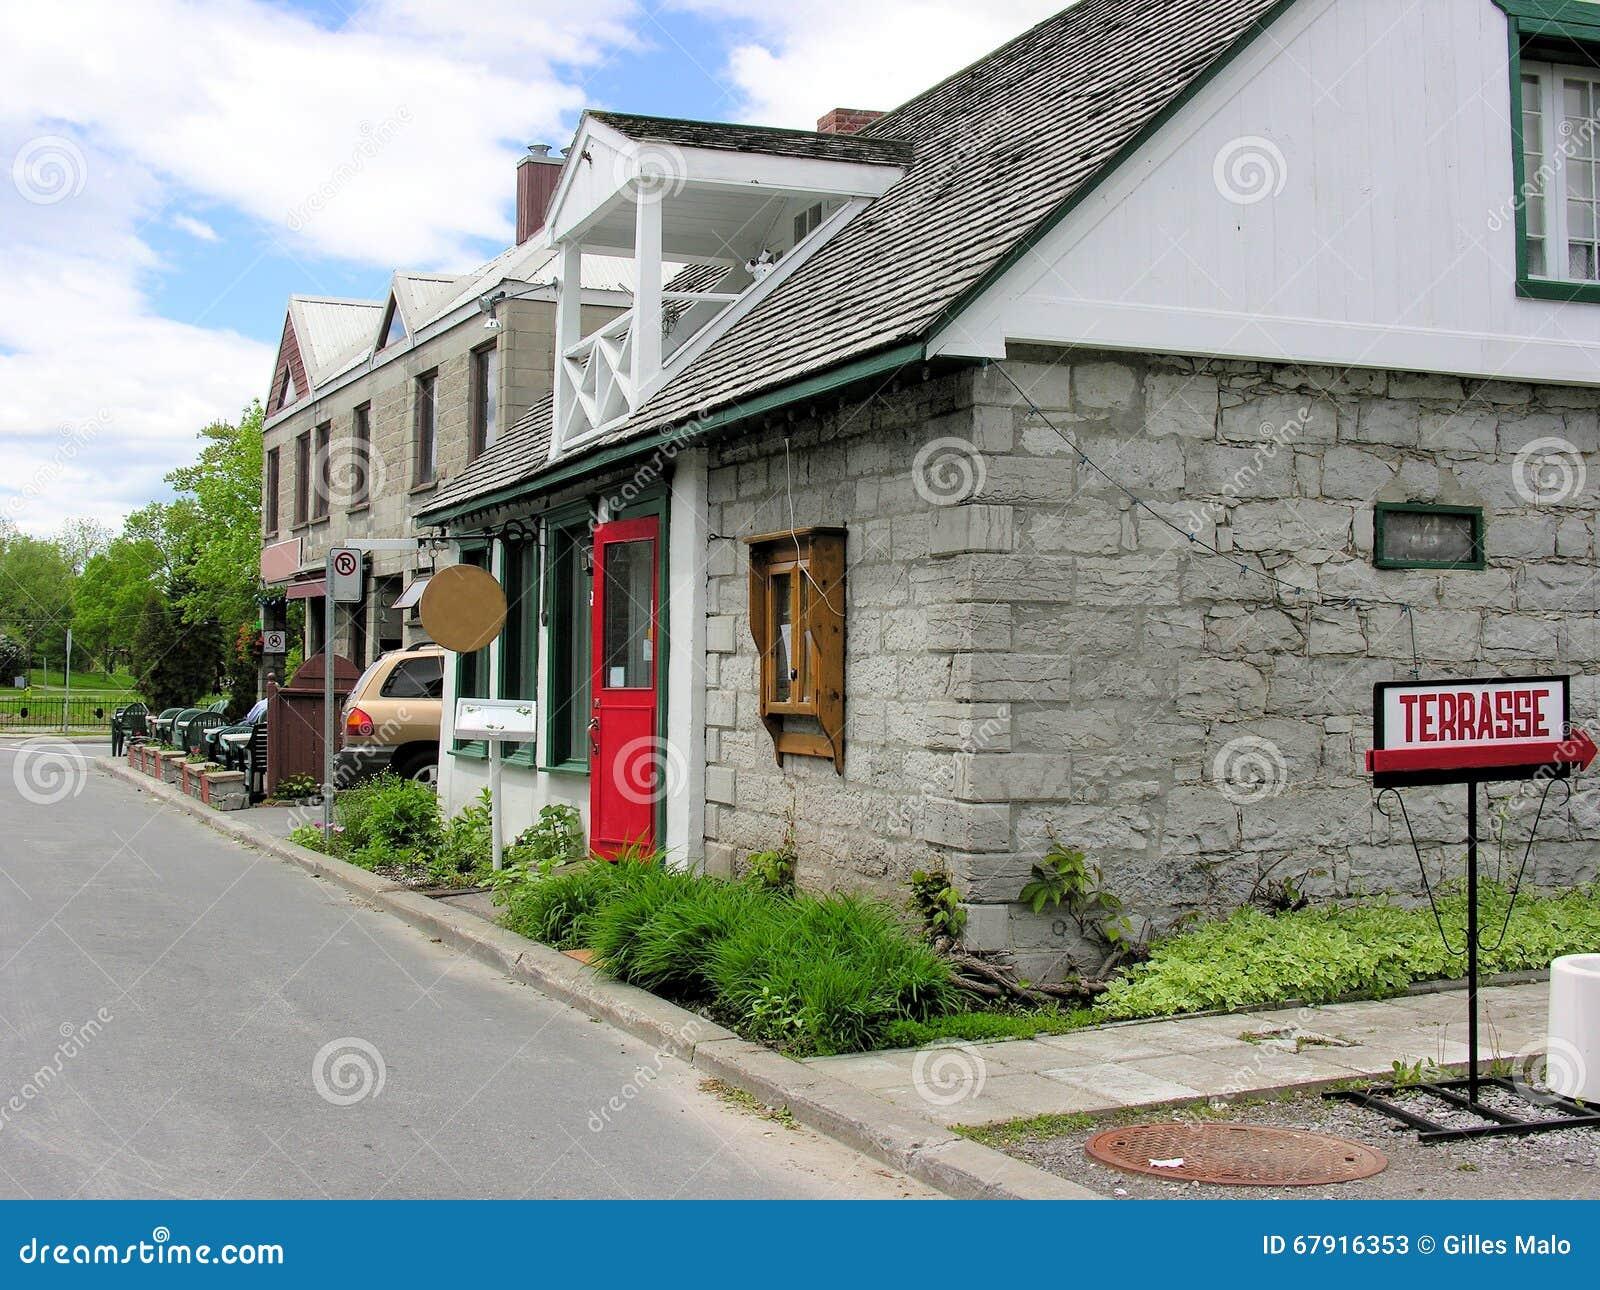 Restaurants In Huizen : Oude huizen restaurants in kleine stad qc canada stock afbeelding